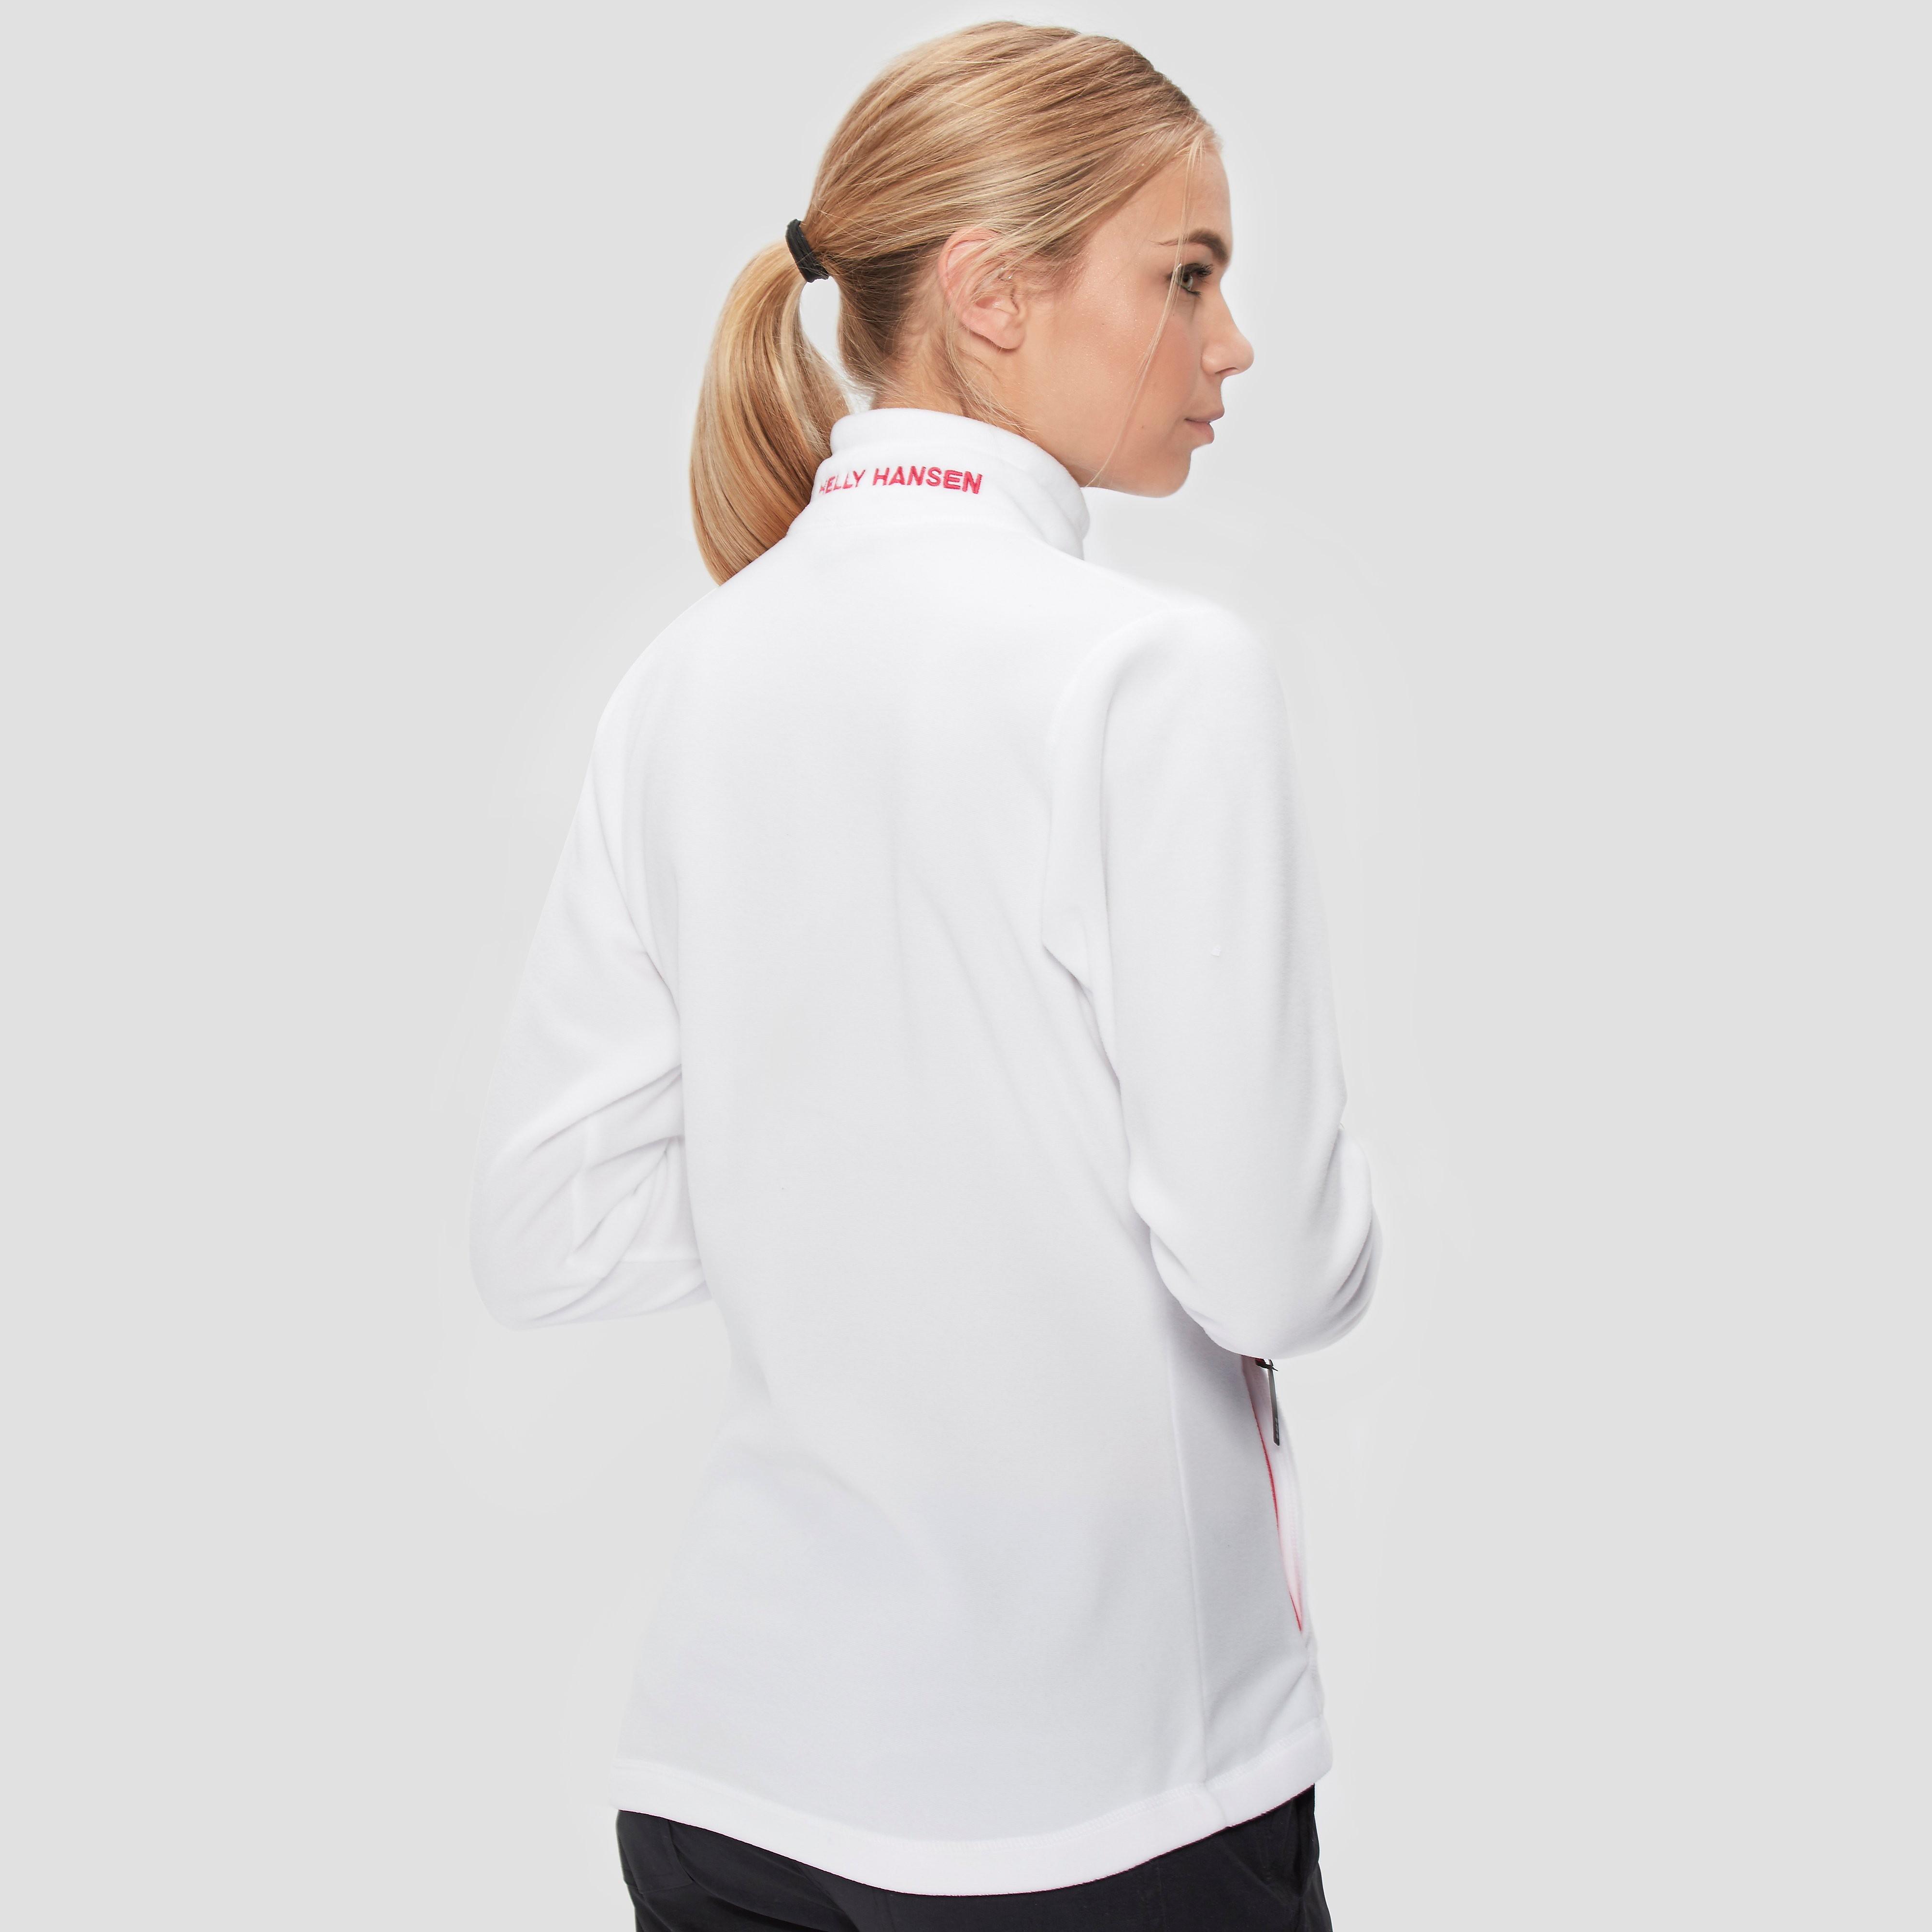 Helly hansen Daybreaker Zipped Women's Fleece